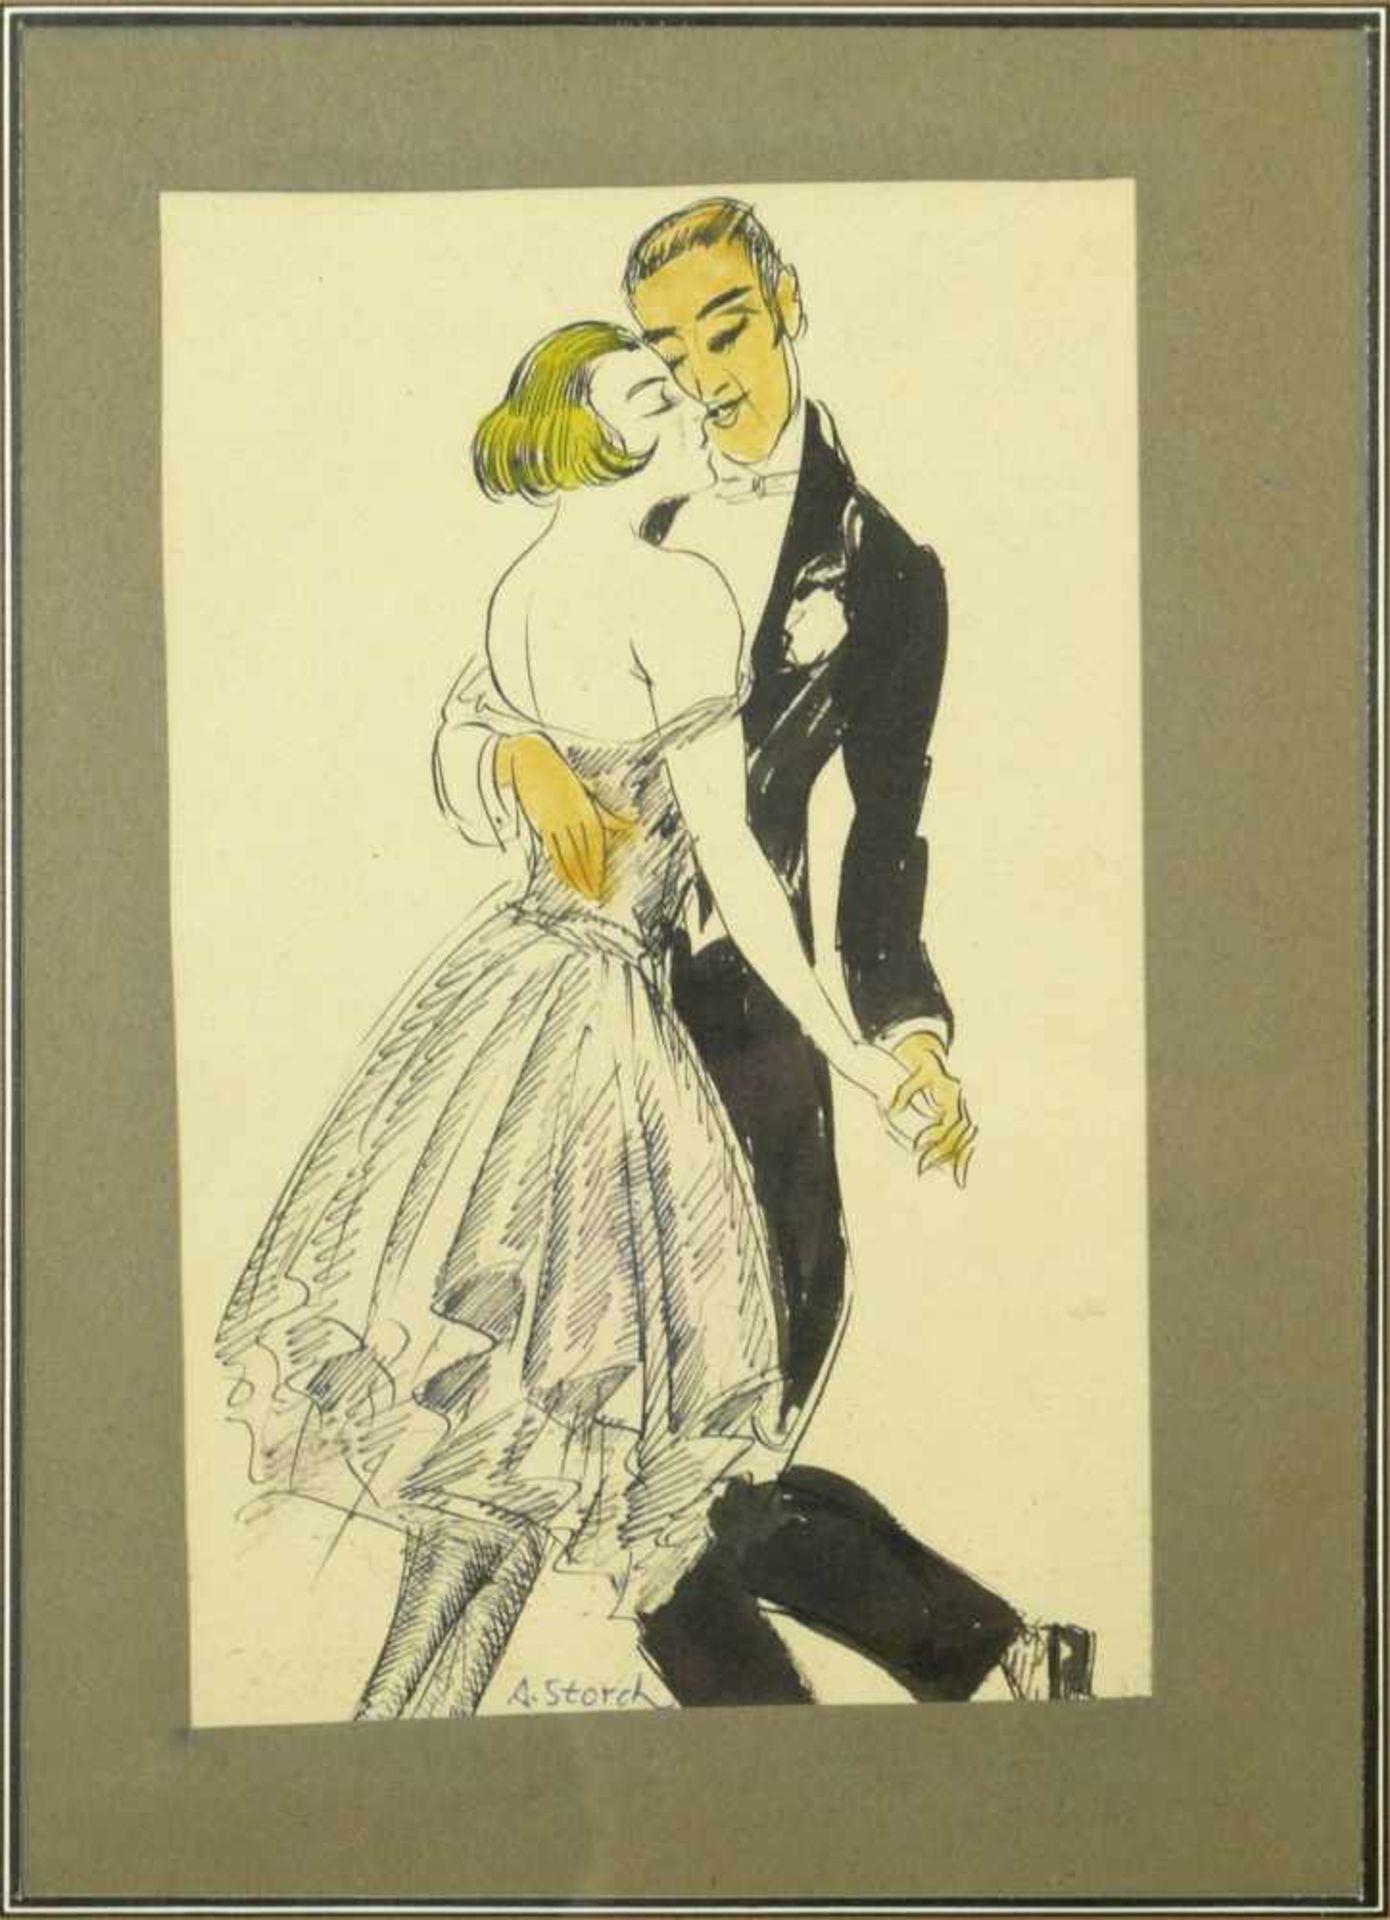 Storch, Josef Anton (1892-1979) - Tanzendes Paar ZeichnungSchwungvolle Zeichnung eines aneinander - Bild 2 aus 4